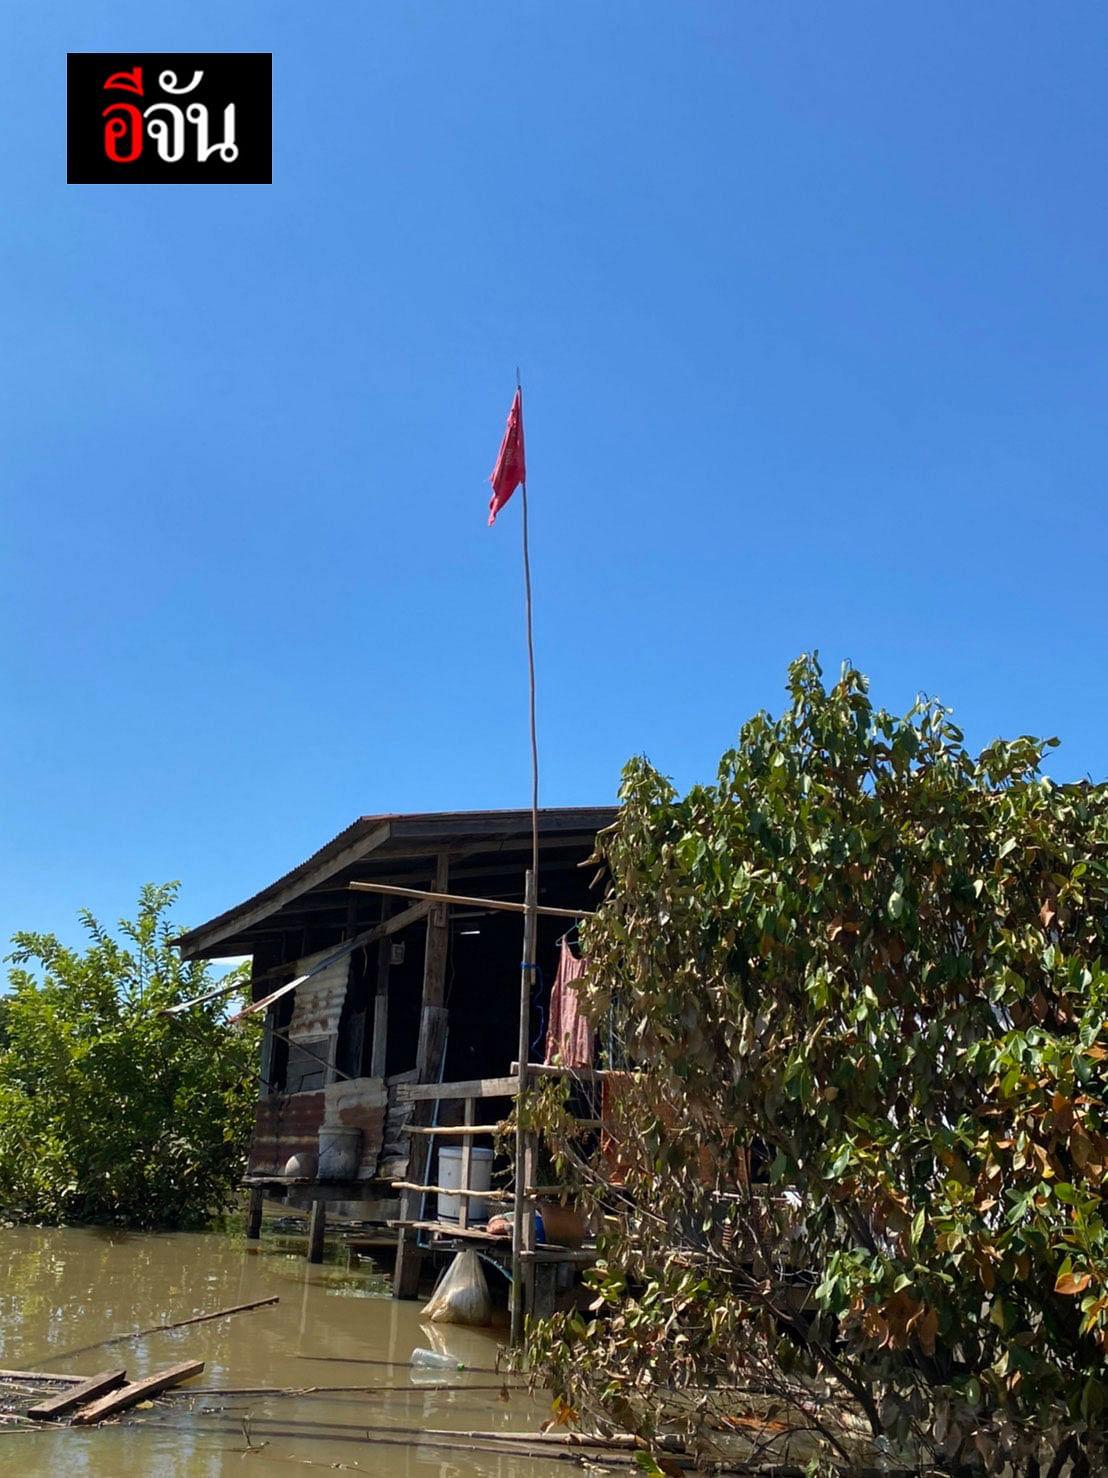 ชาวบ้าน ปักธงแดงของความช่วยเหลือ